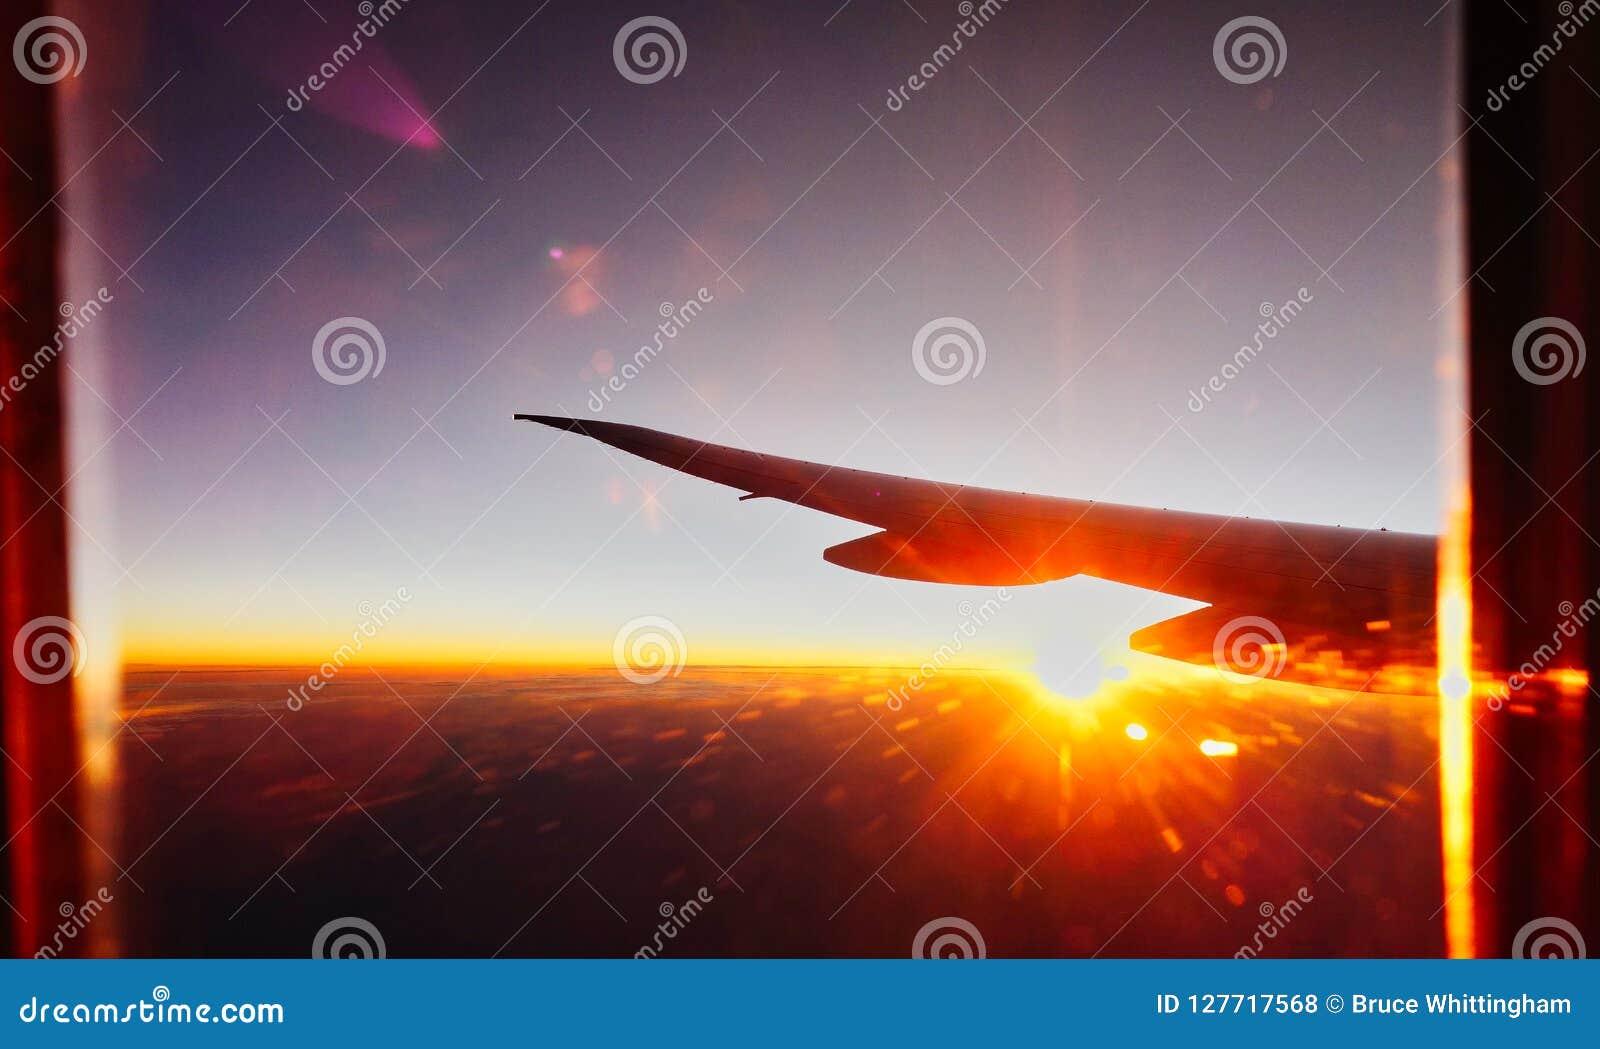 Duża Wysokość wschodu słońca i świtu widok Od Dżetowego samolotu